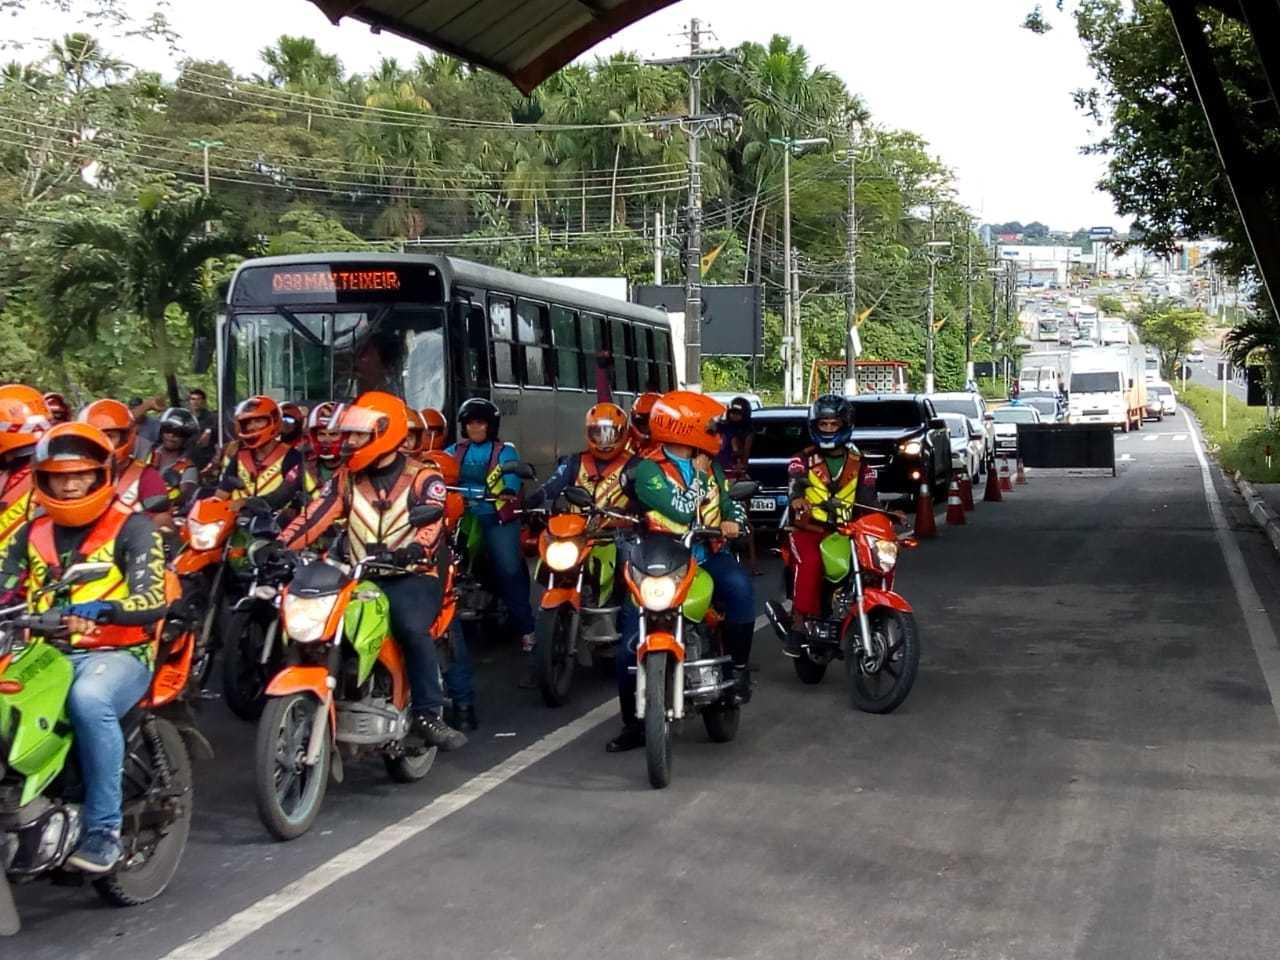 Protestos contra preço dos combustiveis, na Av. Torquato Tapajós - Imagem: Via Whatsapp